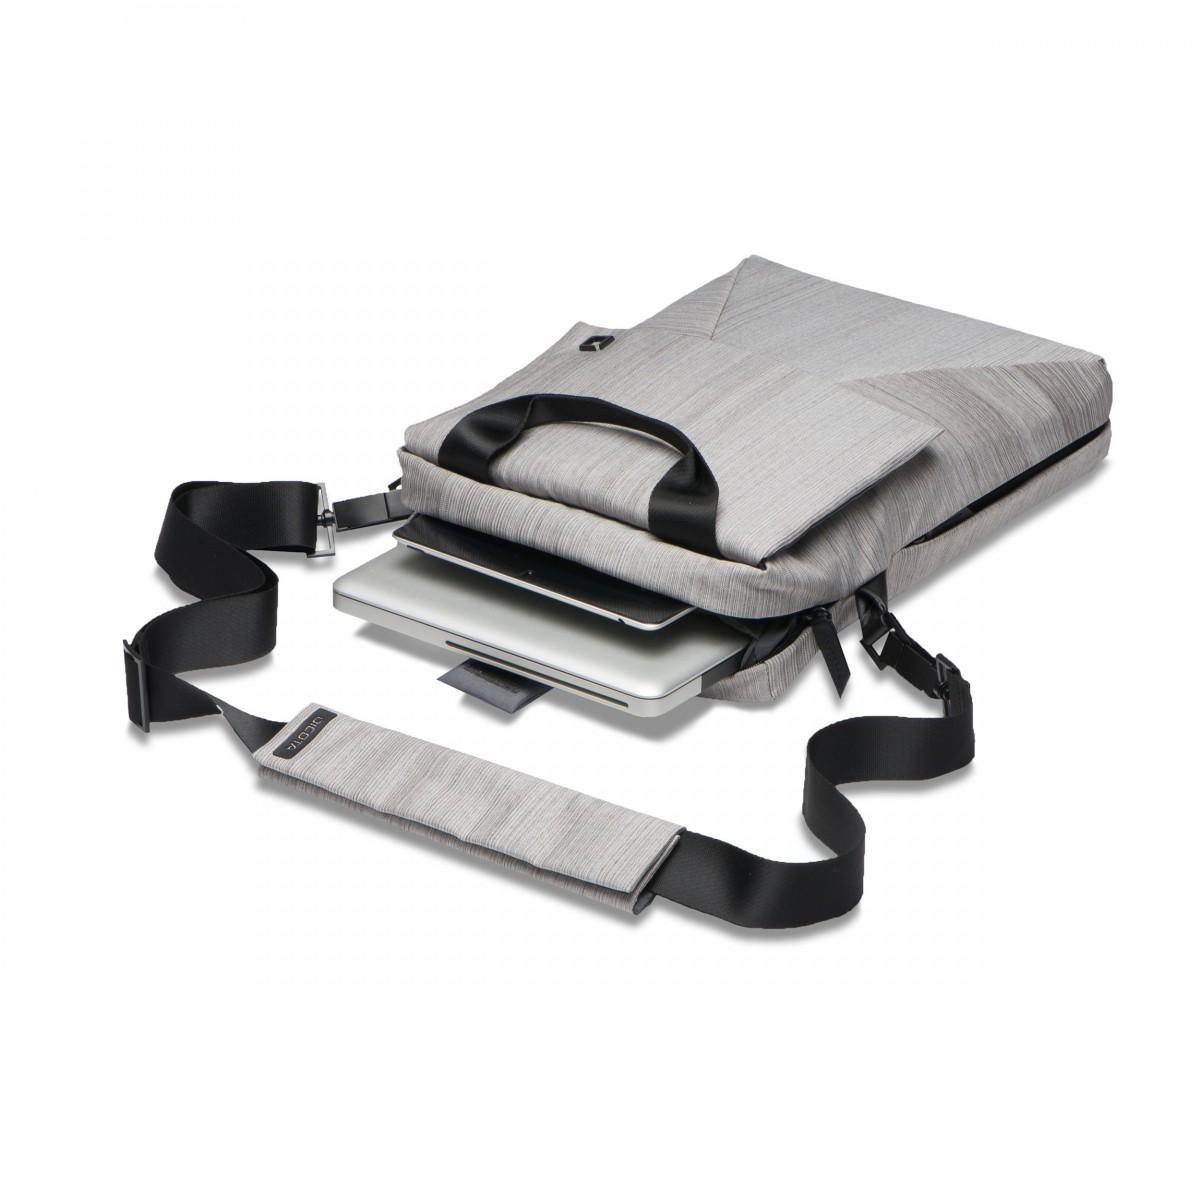 3rd-strike.com | DICOTA Code Sling Bag (13″) – Accessory Review